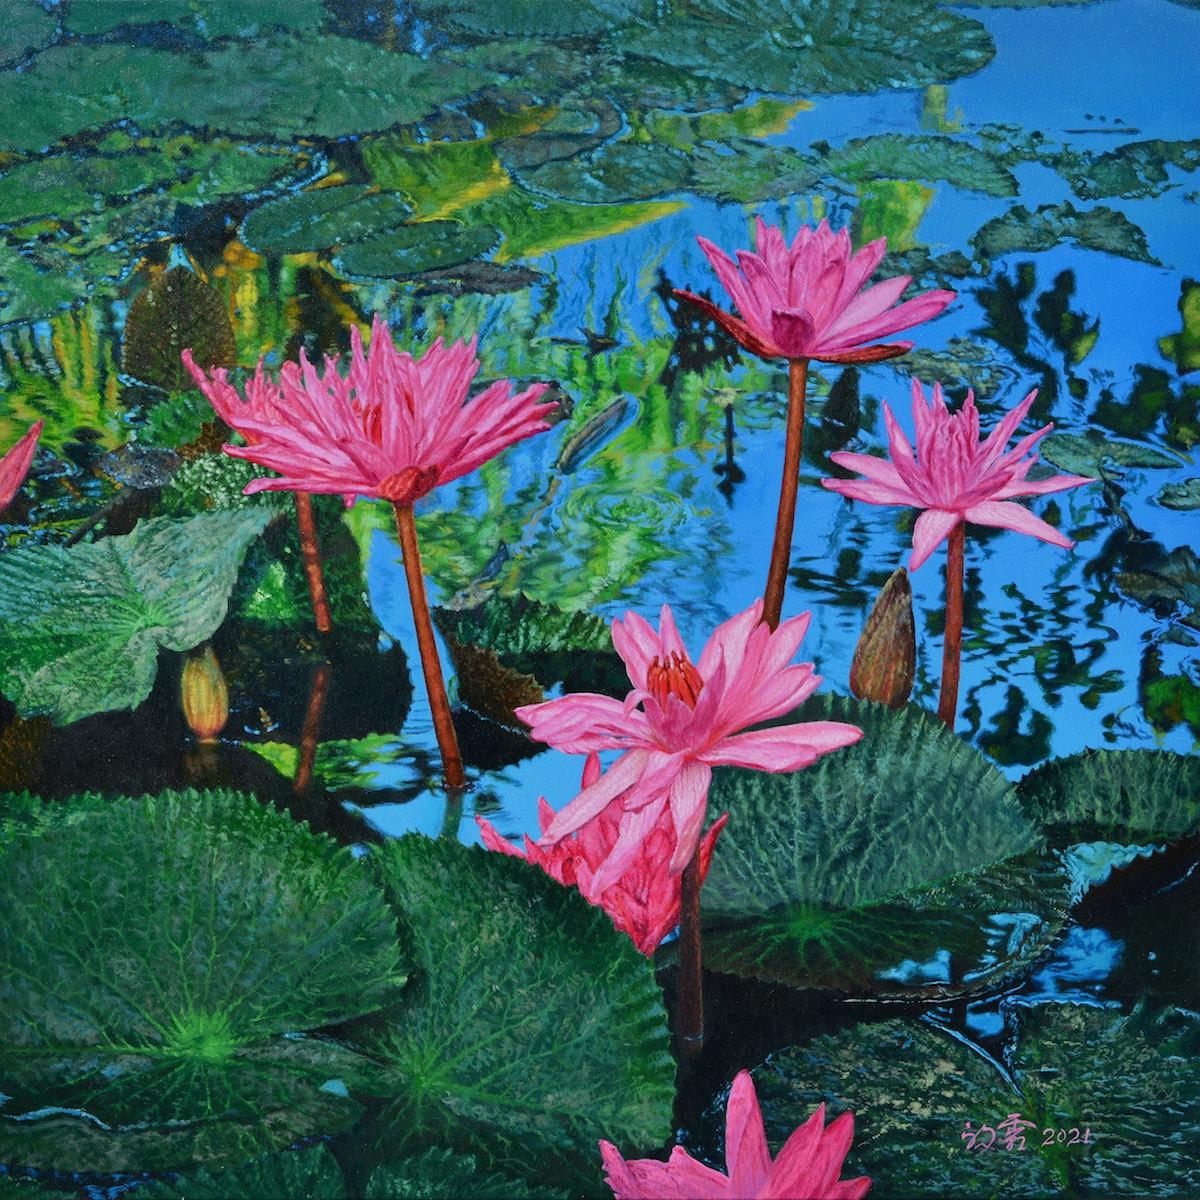 Secret Garden by Da Niu (CK Khor)